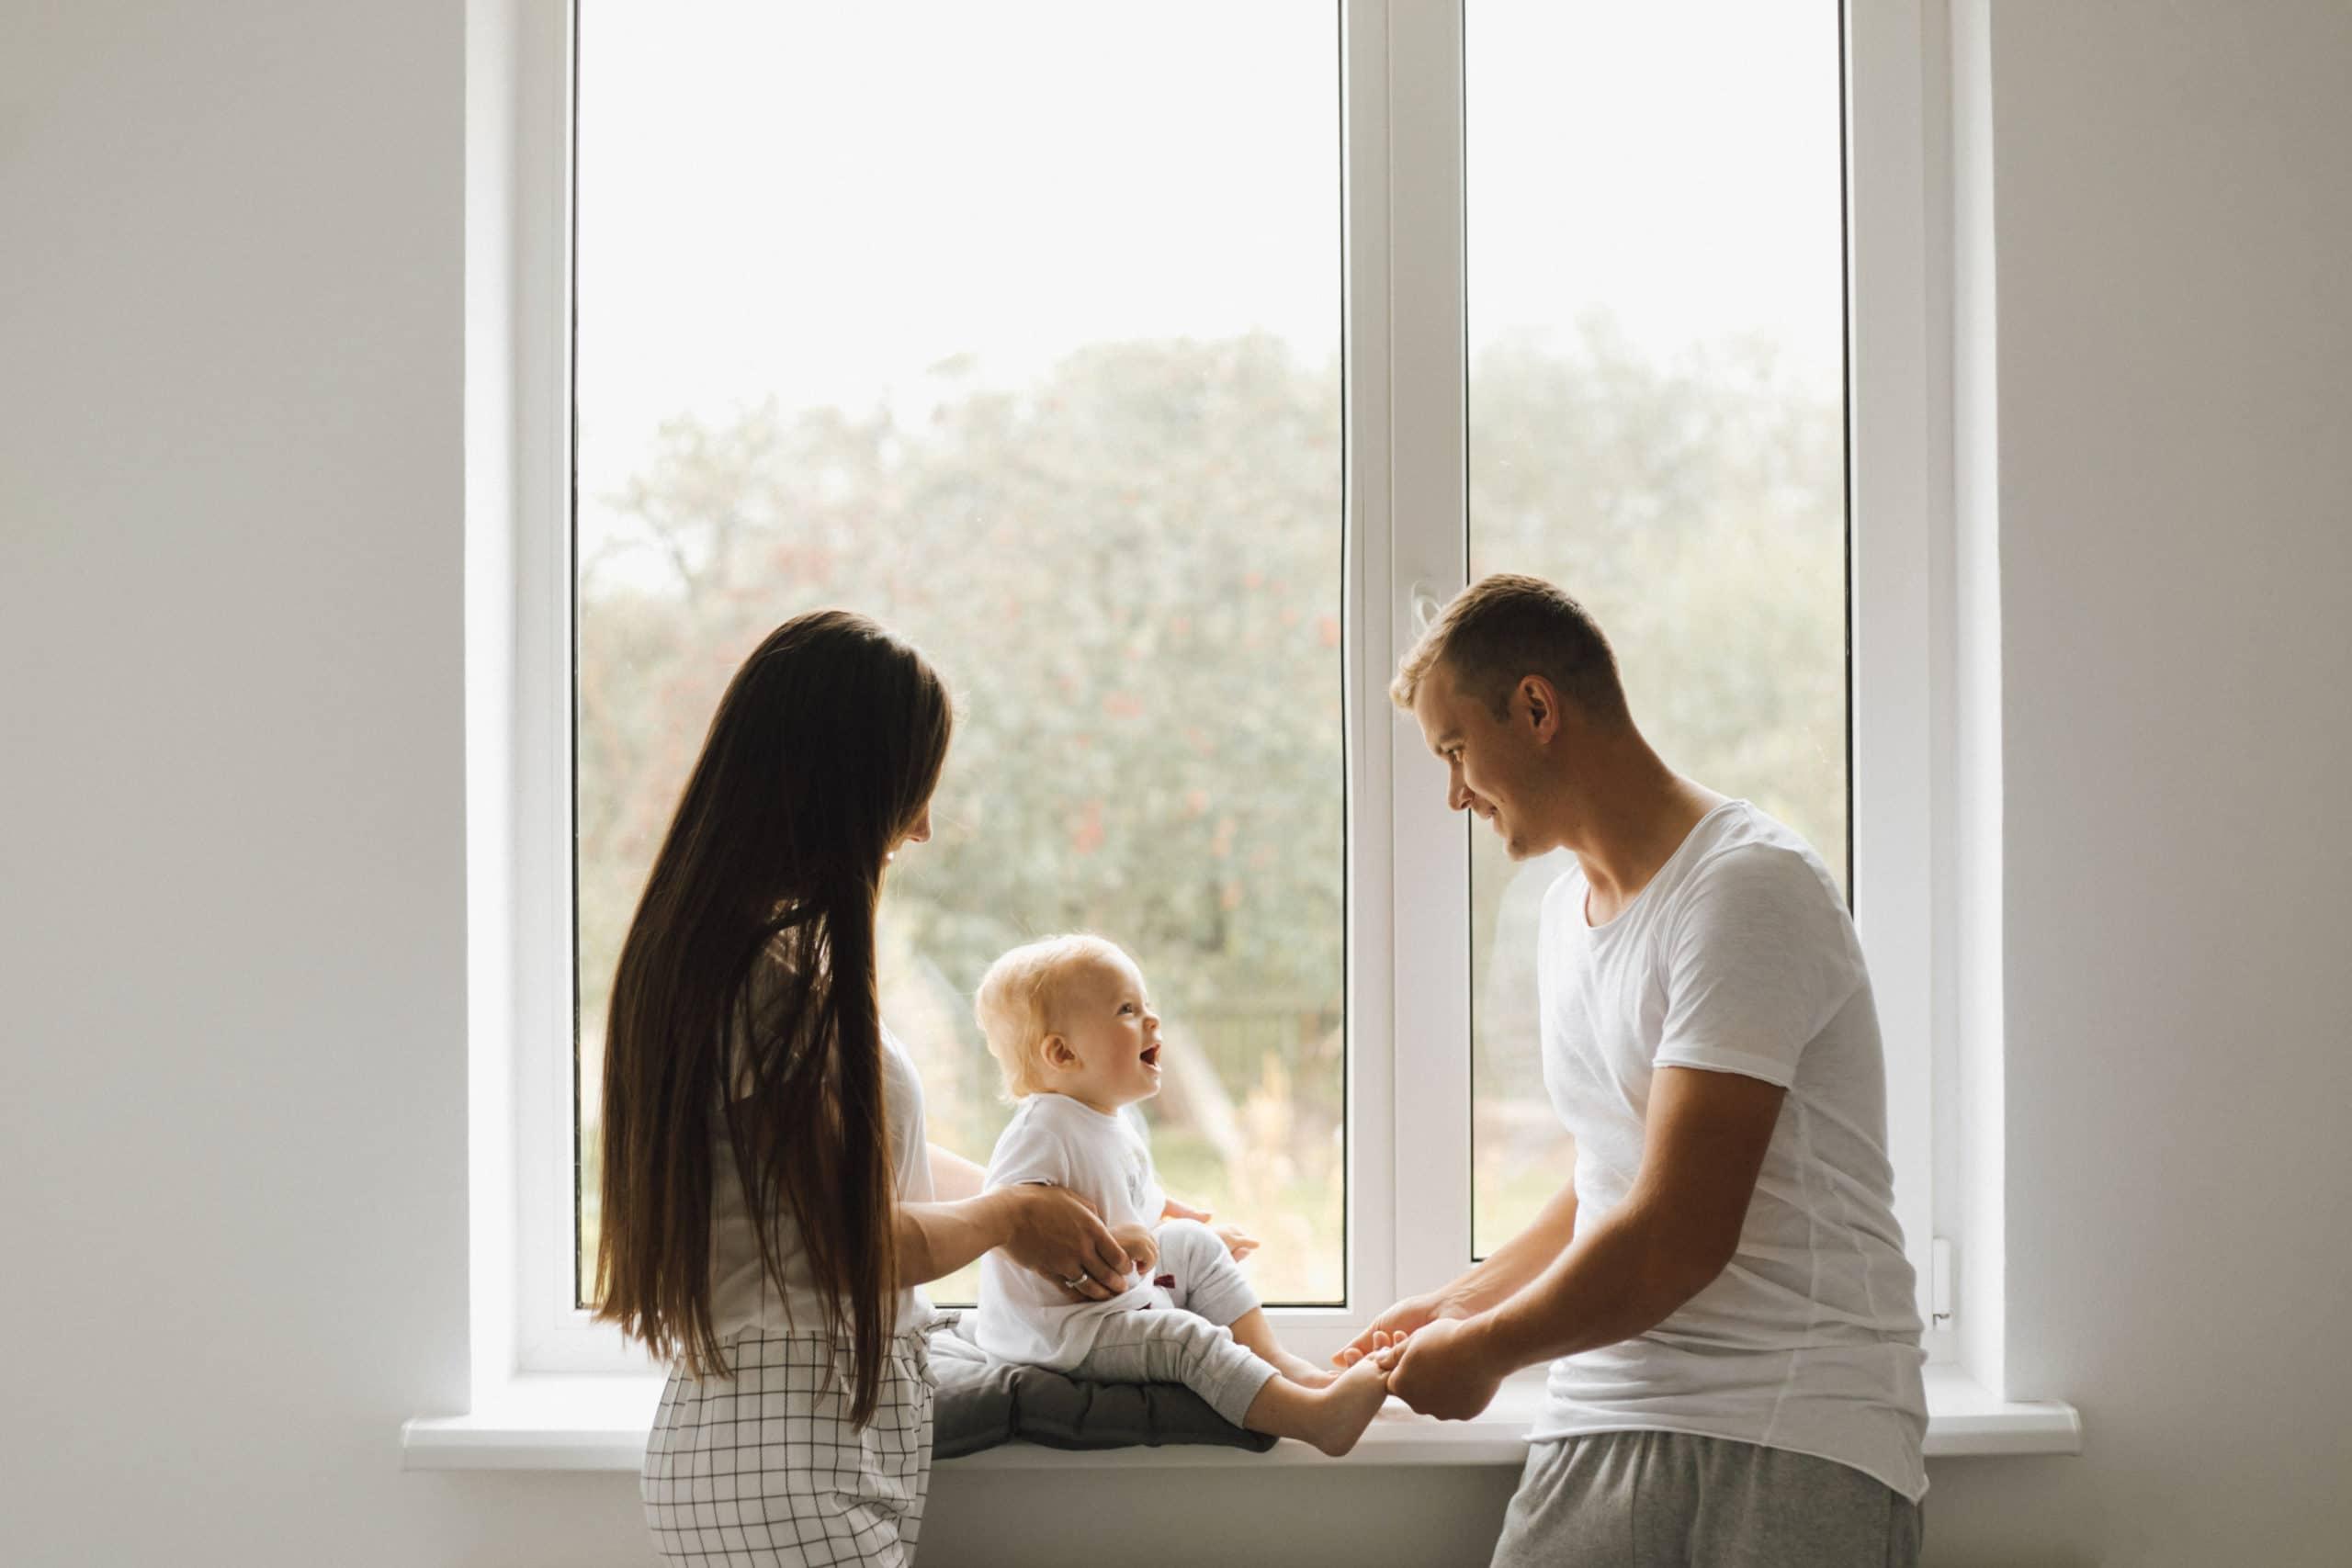 Помощь семьям с детьми в Финляндии в разных жизненных ситуациях5 (1)